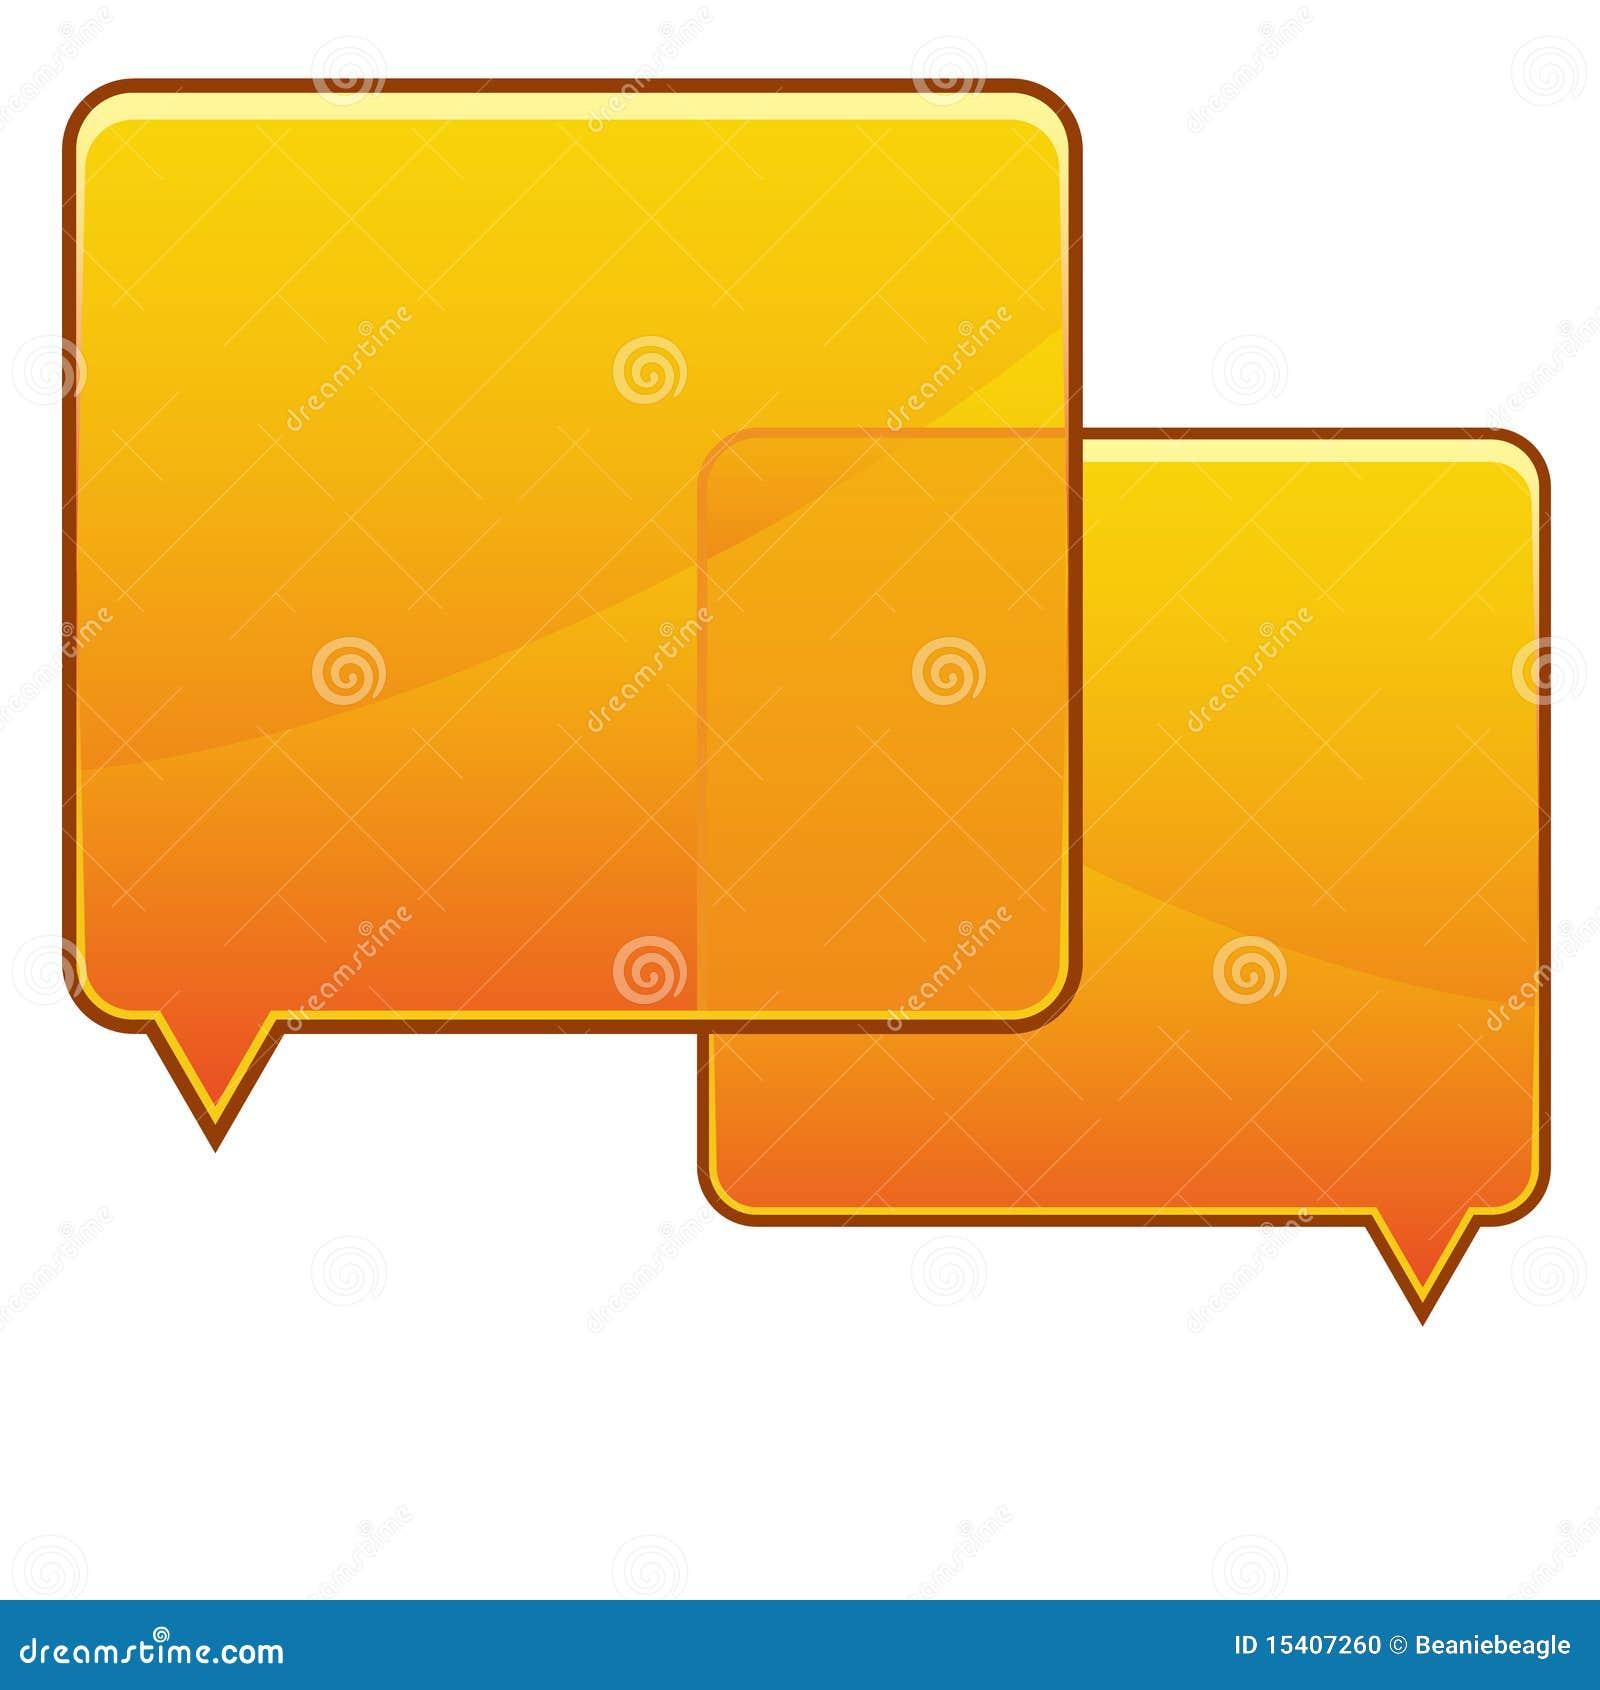 Orange Speech Bubbles